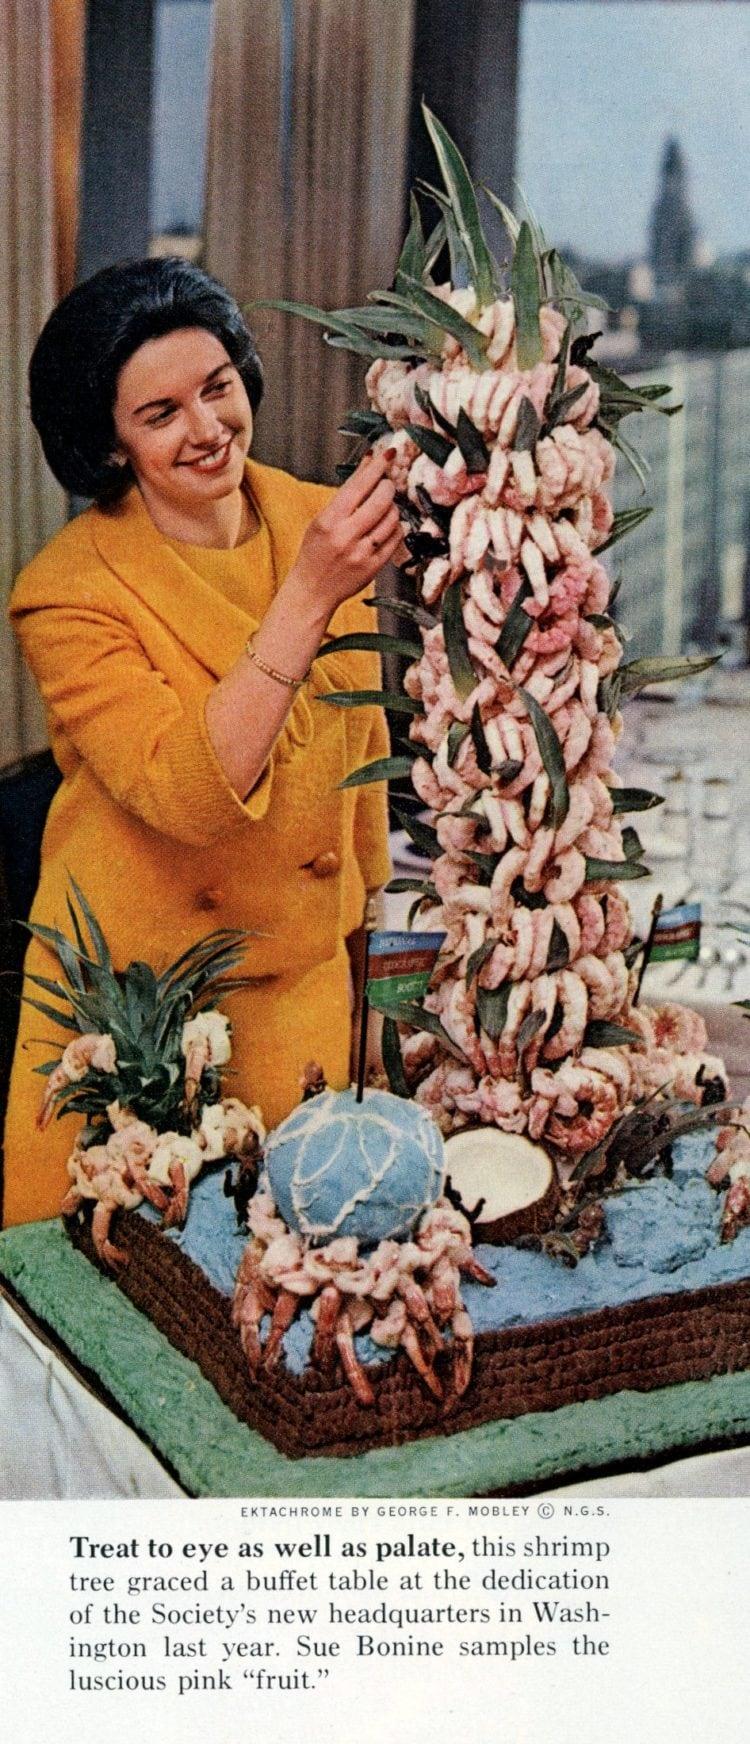 A shrimp tree from 1965